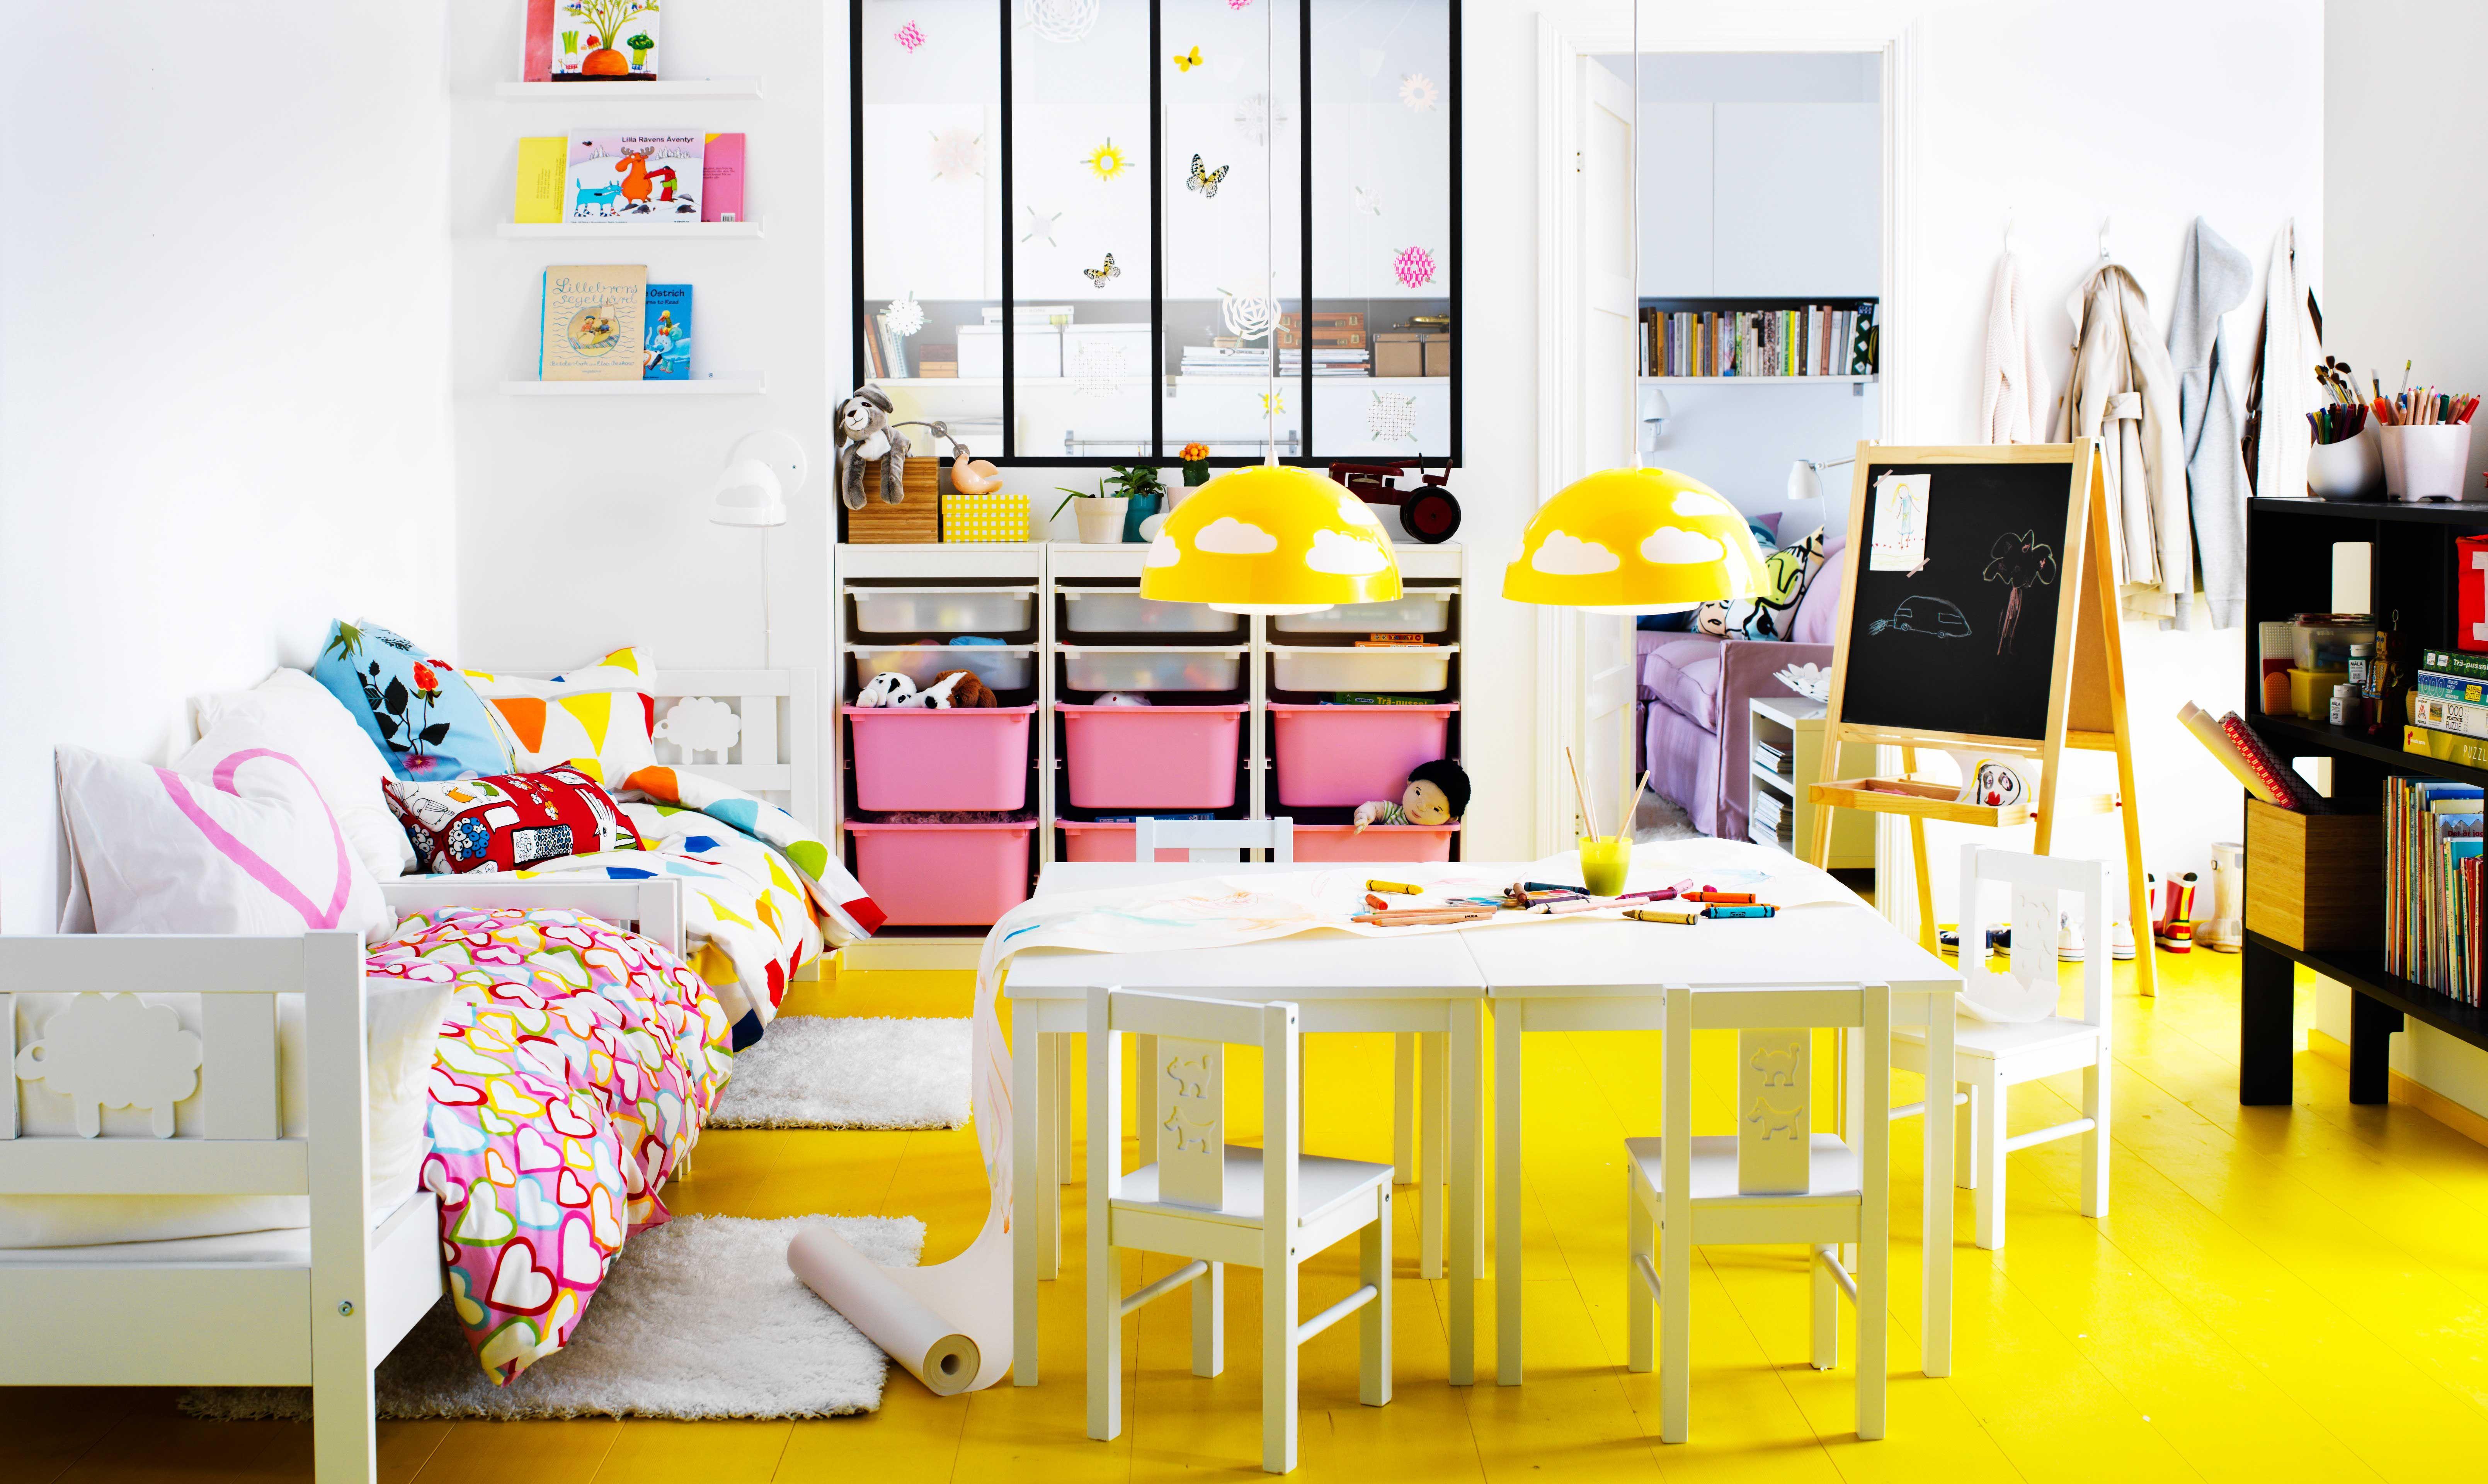 Kinderzimmer Kinderzimmermöbel Online Bestellen Home Diy